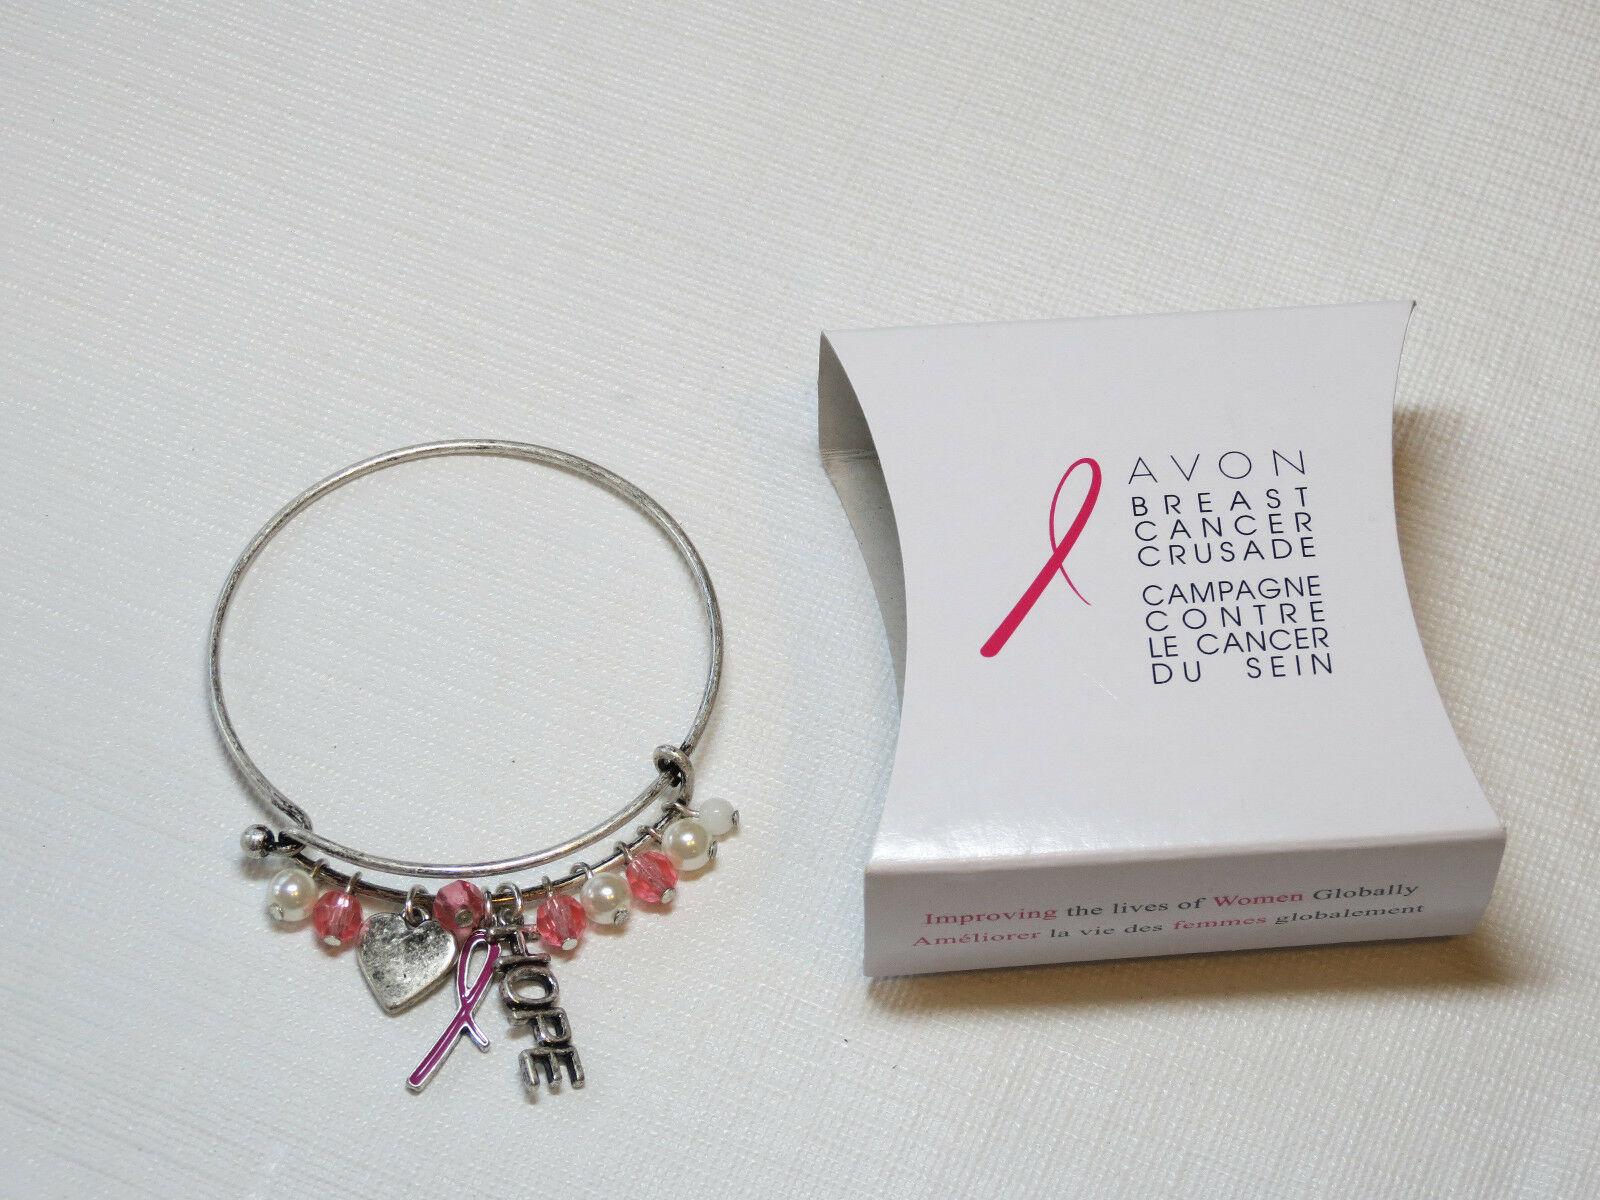 Femmes Avon Cancer Du Sein Crusade Breloque Bracelet F3983781 Nip